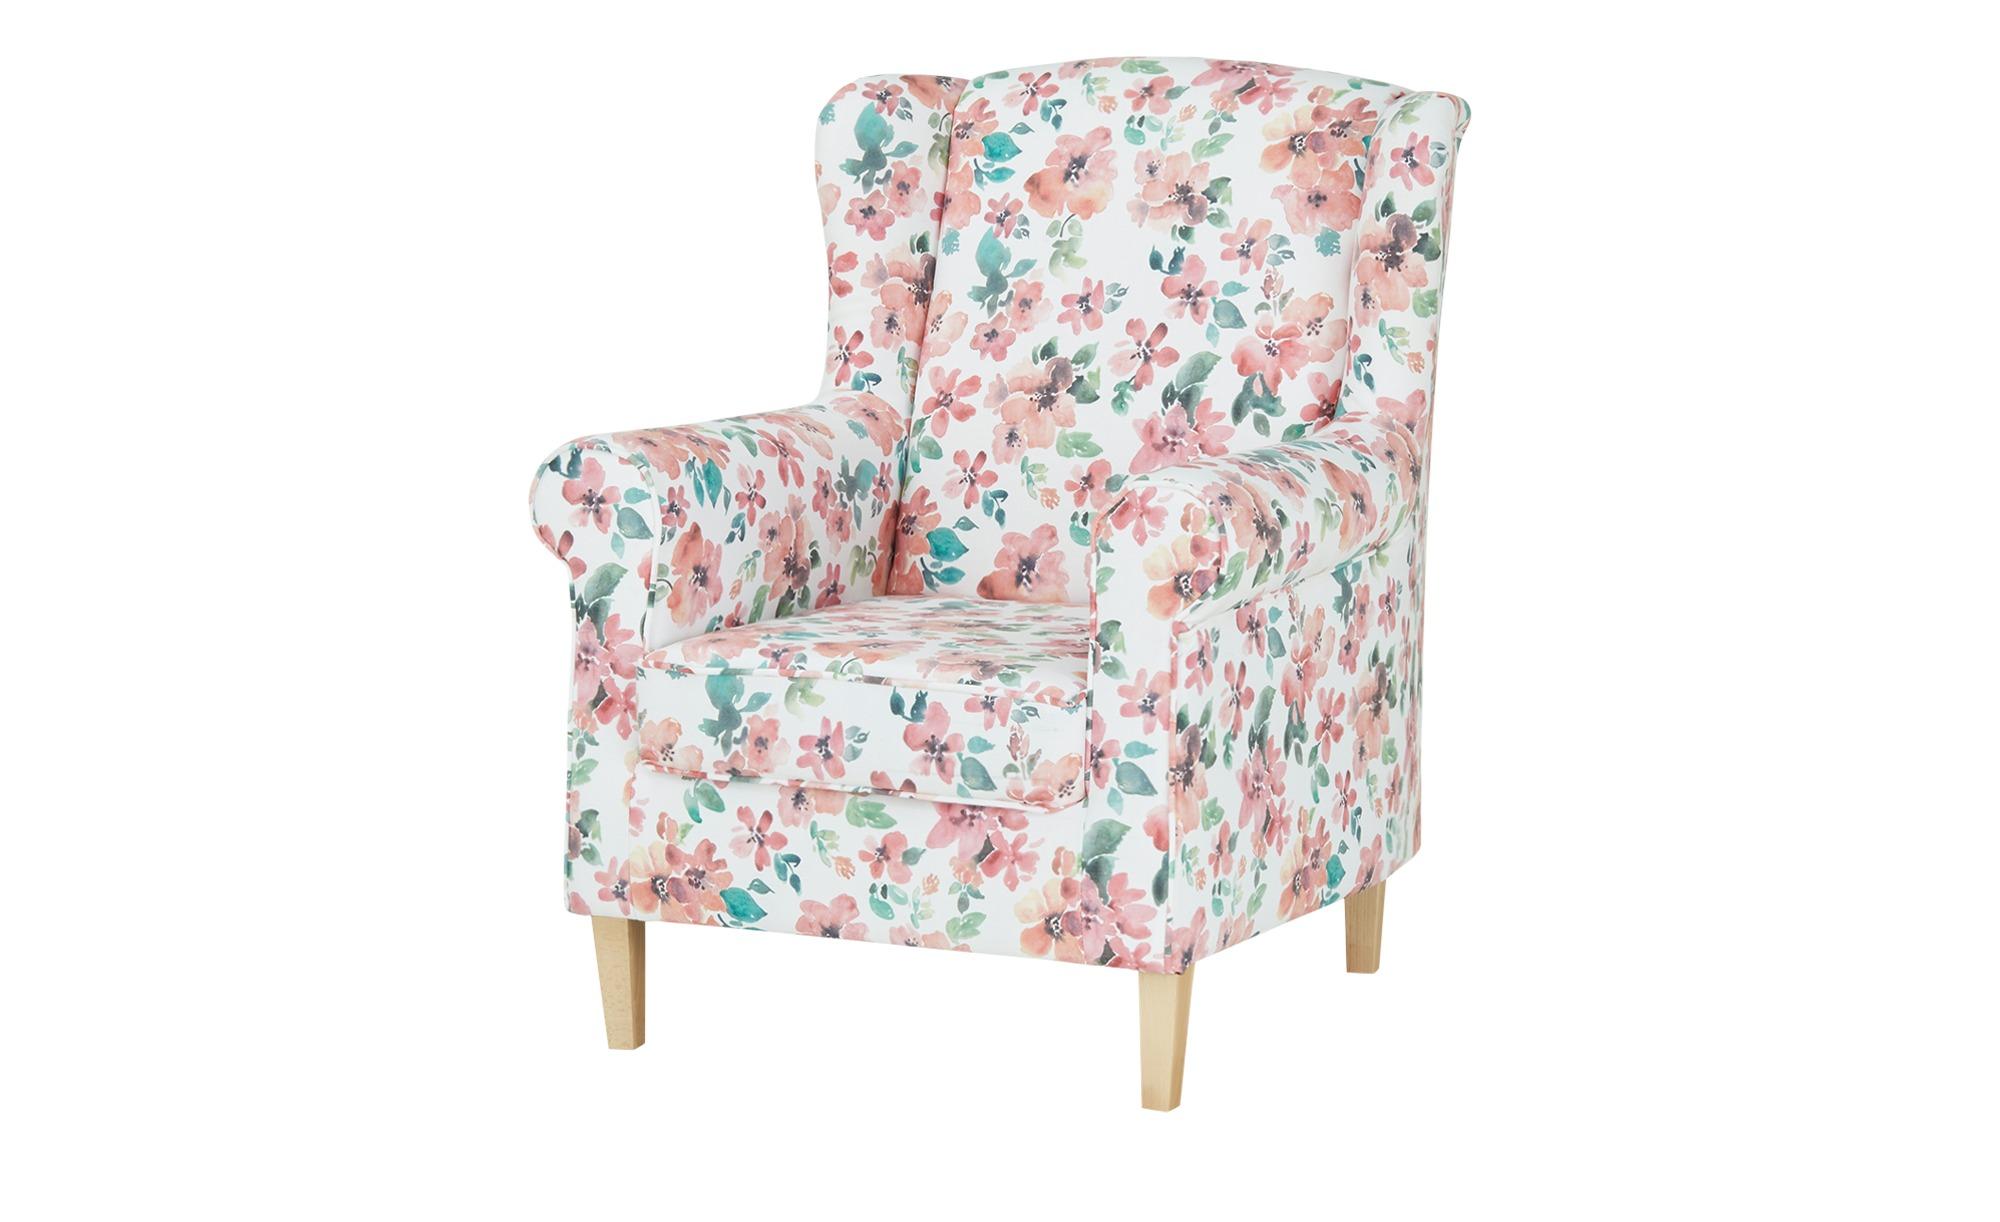 Ohrensessel  Britta ¦ rosa/pink ¦ Maße (cm): B: 81 H: 100 T: 90 Polstermöbel > Sessel > Ohrensessel - Höffner